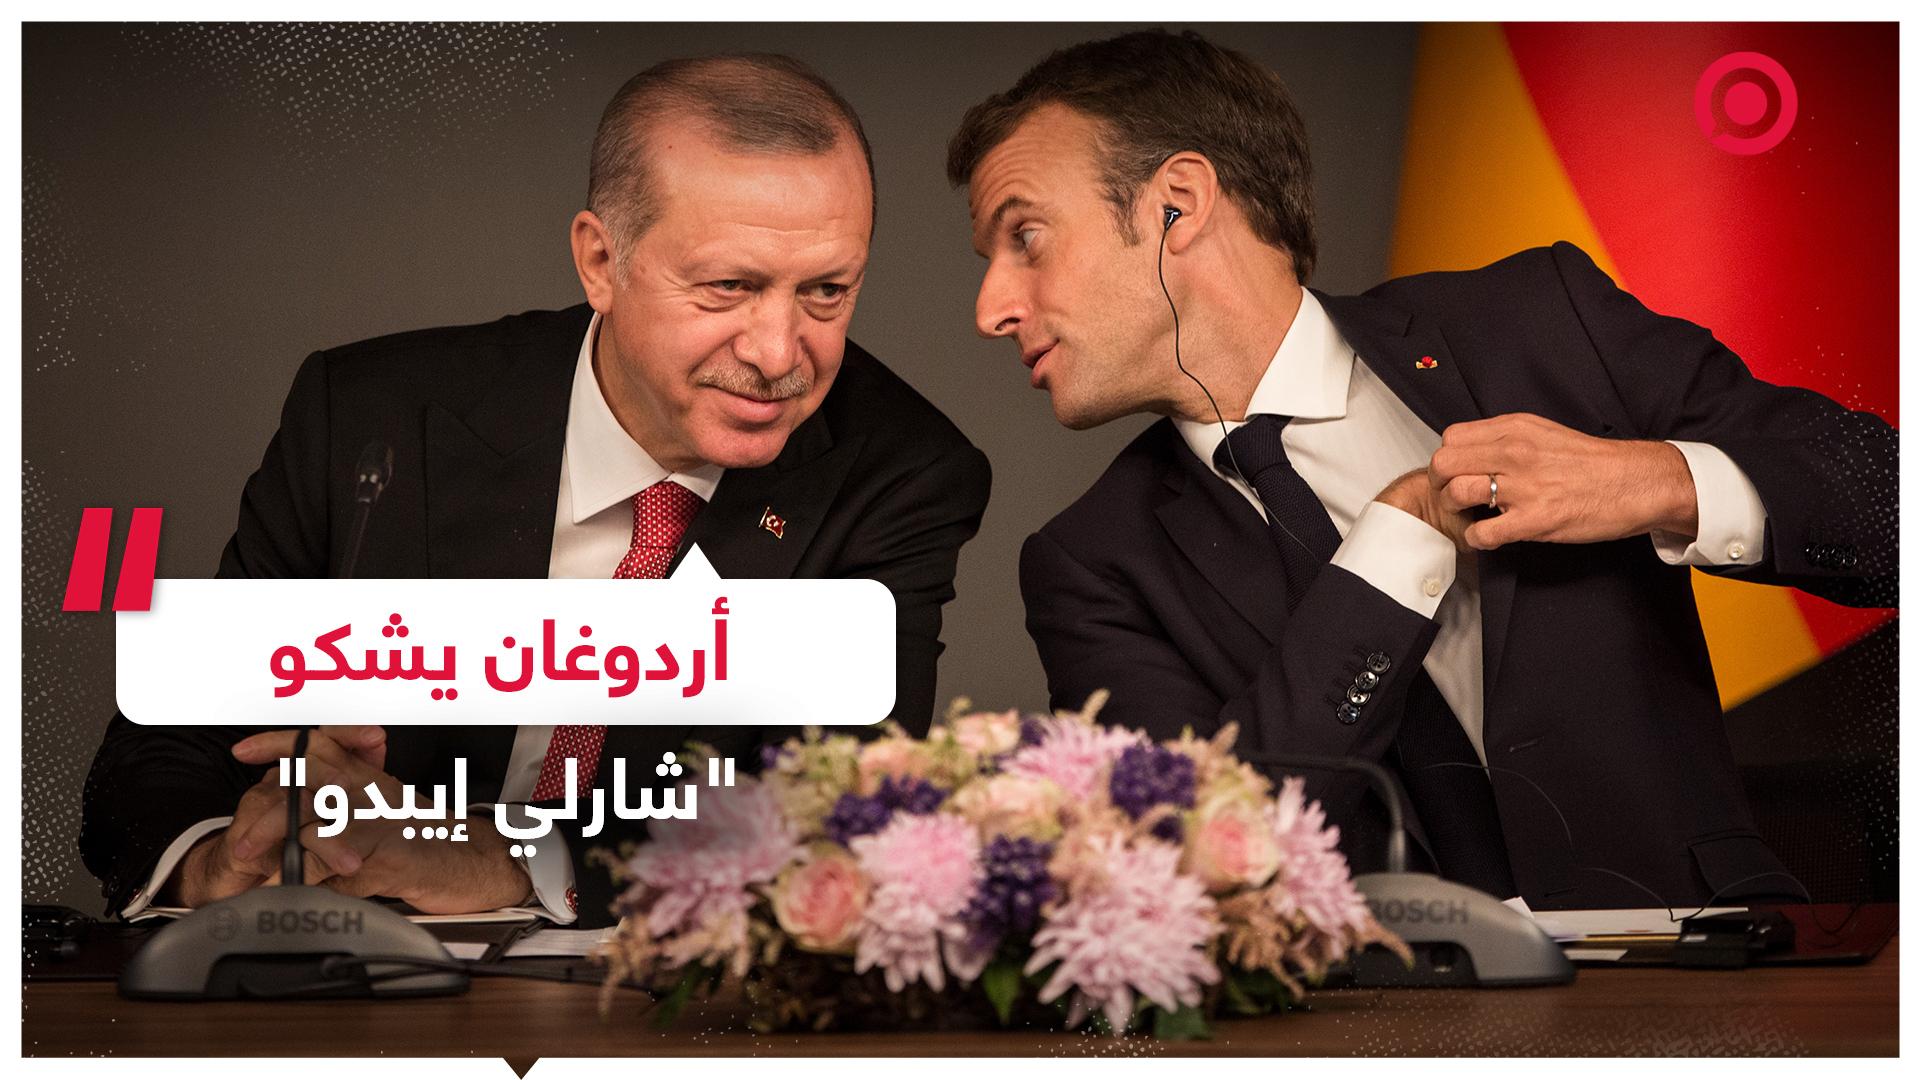 """أردوغان يتقدّم بشكوى ضد """"شارلي إيبدو"""" الفرنسية بسبب نشرها رسما كاريكاتيريا عنه"""